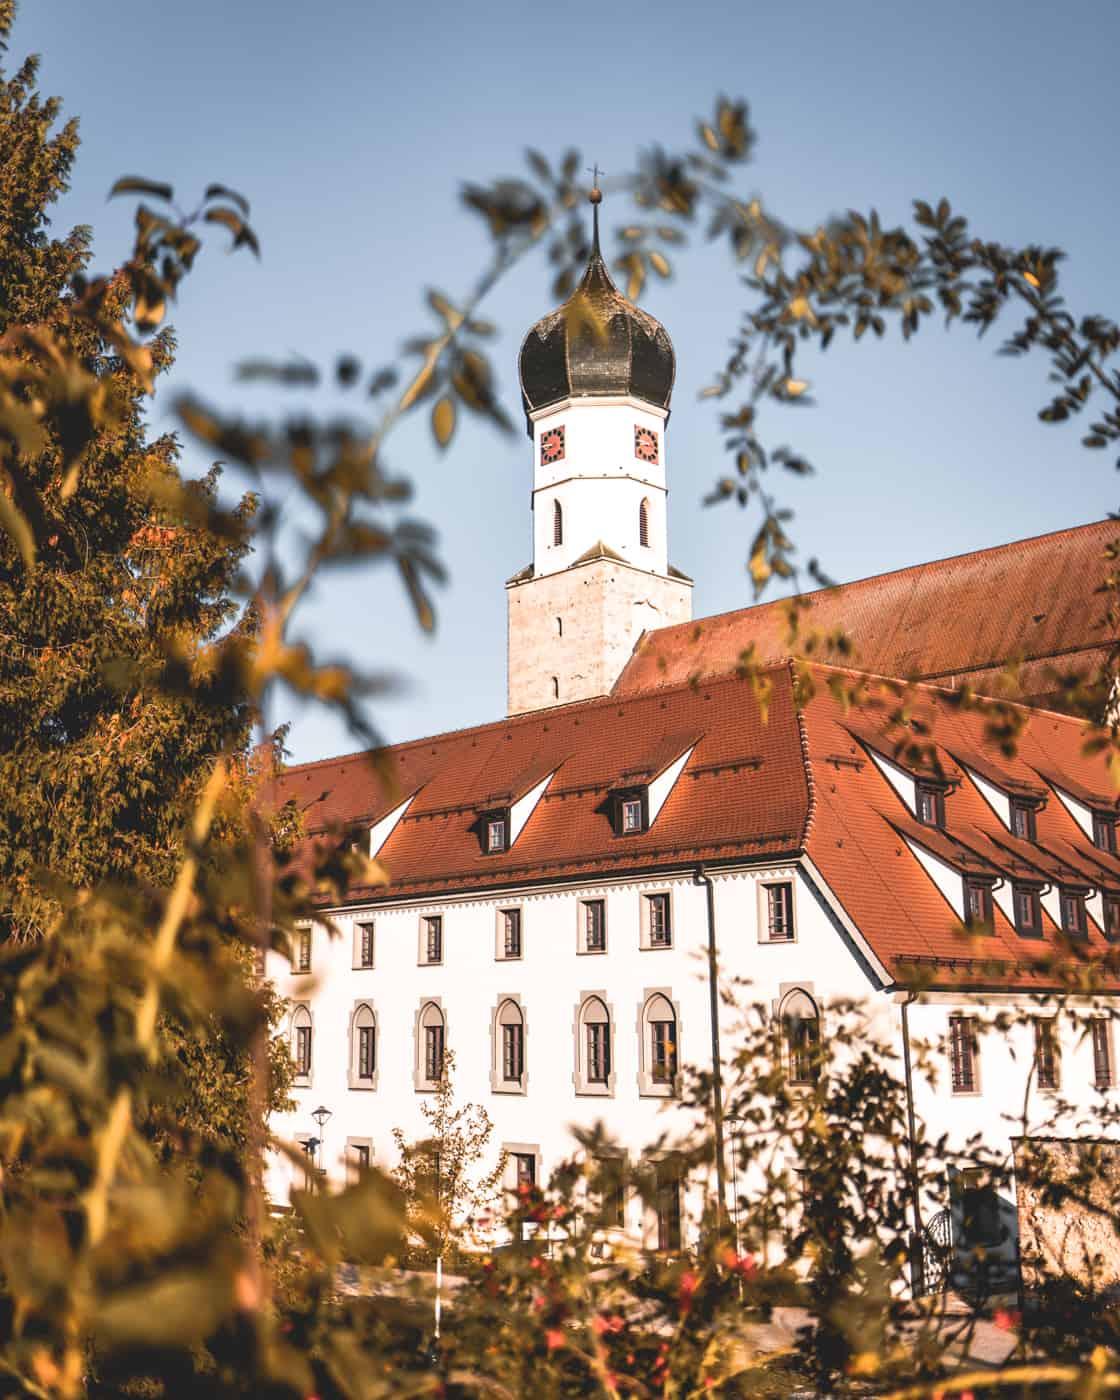 Ehingen - Tipps für die Bierkulturstadt zwischen Donau & schwäbischer Alb